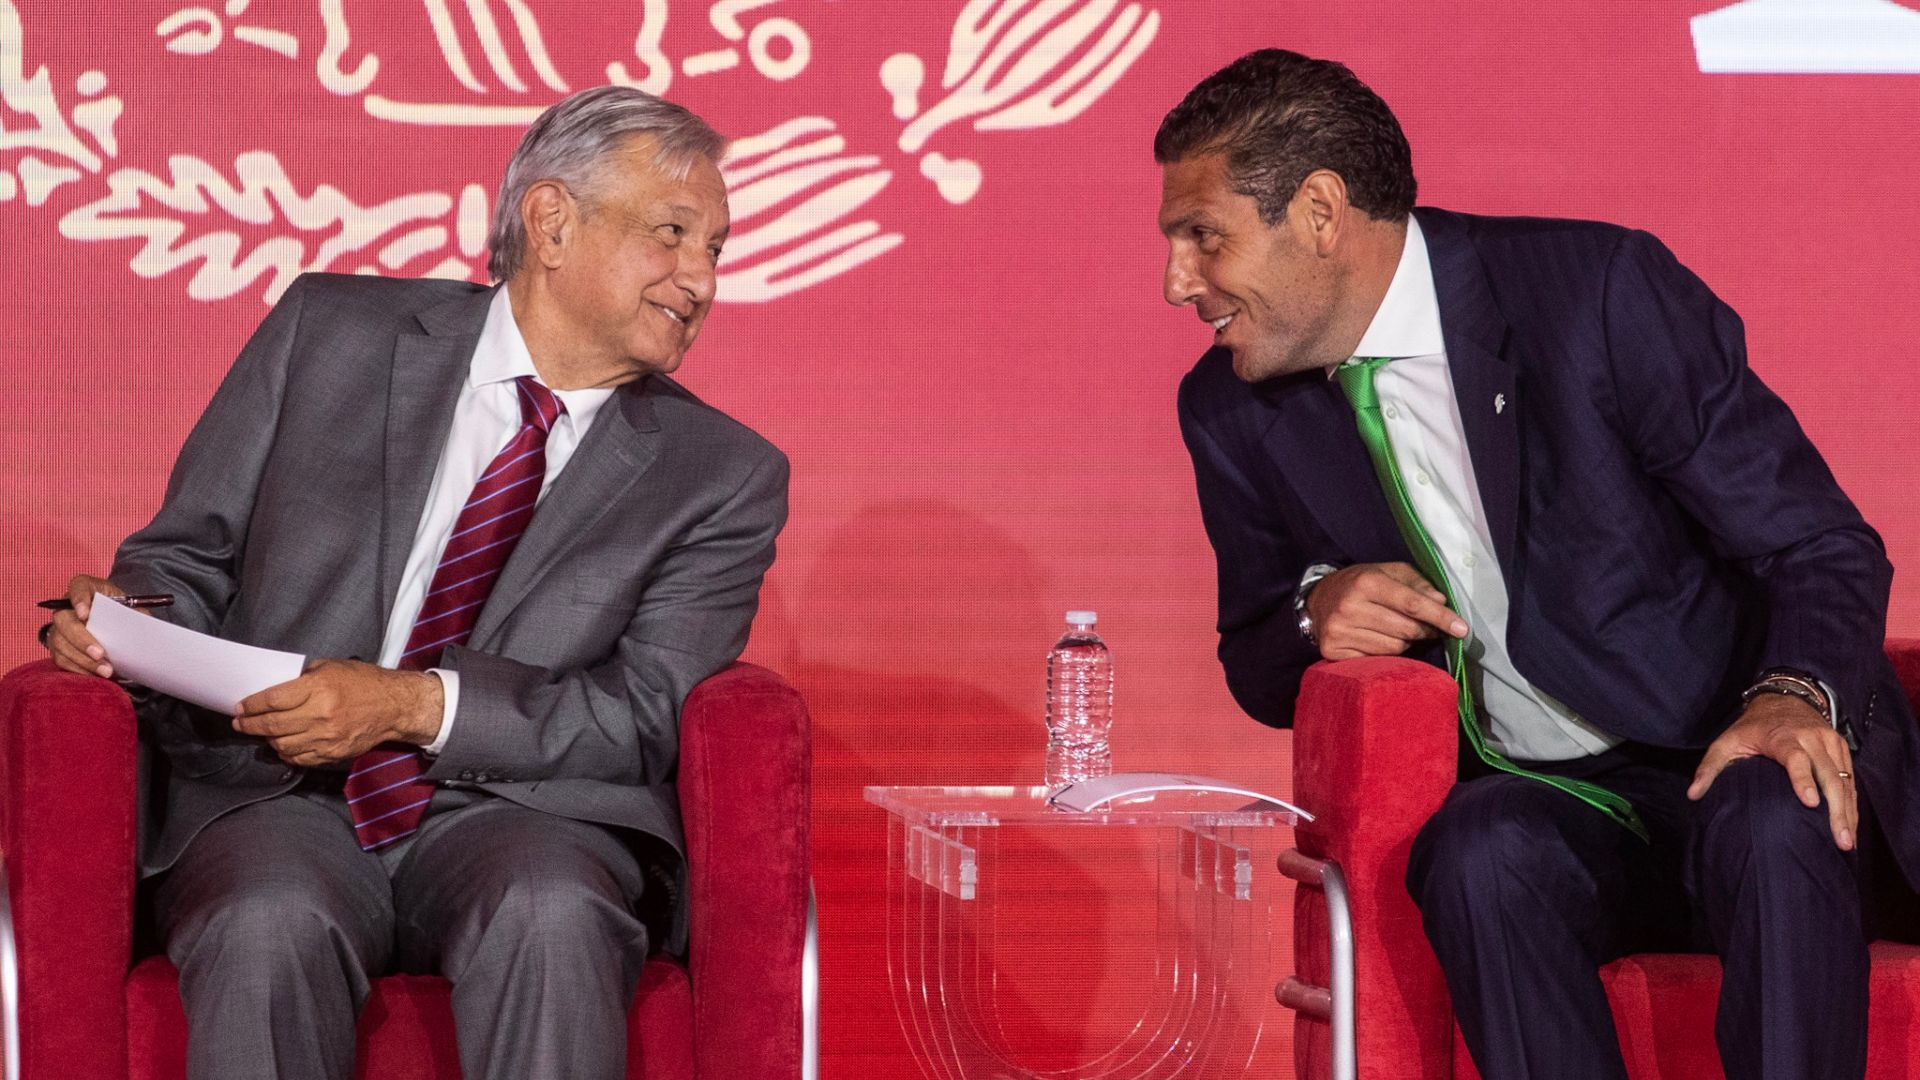 Hank González y López Obrador, en el Foro Estrategia de Banorte este miércoles, evento que el mandatario clausuró (Foto: Cuartoscuro)